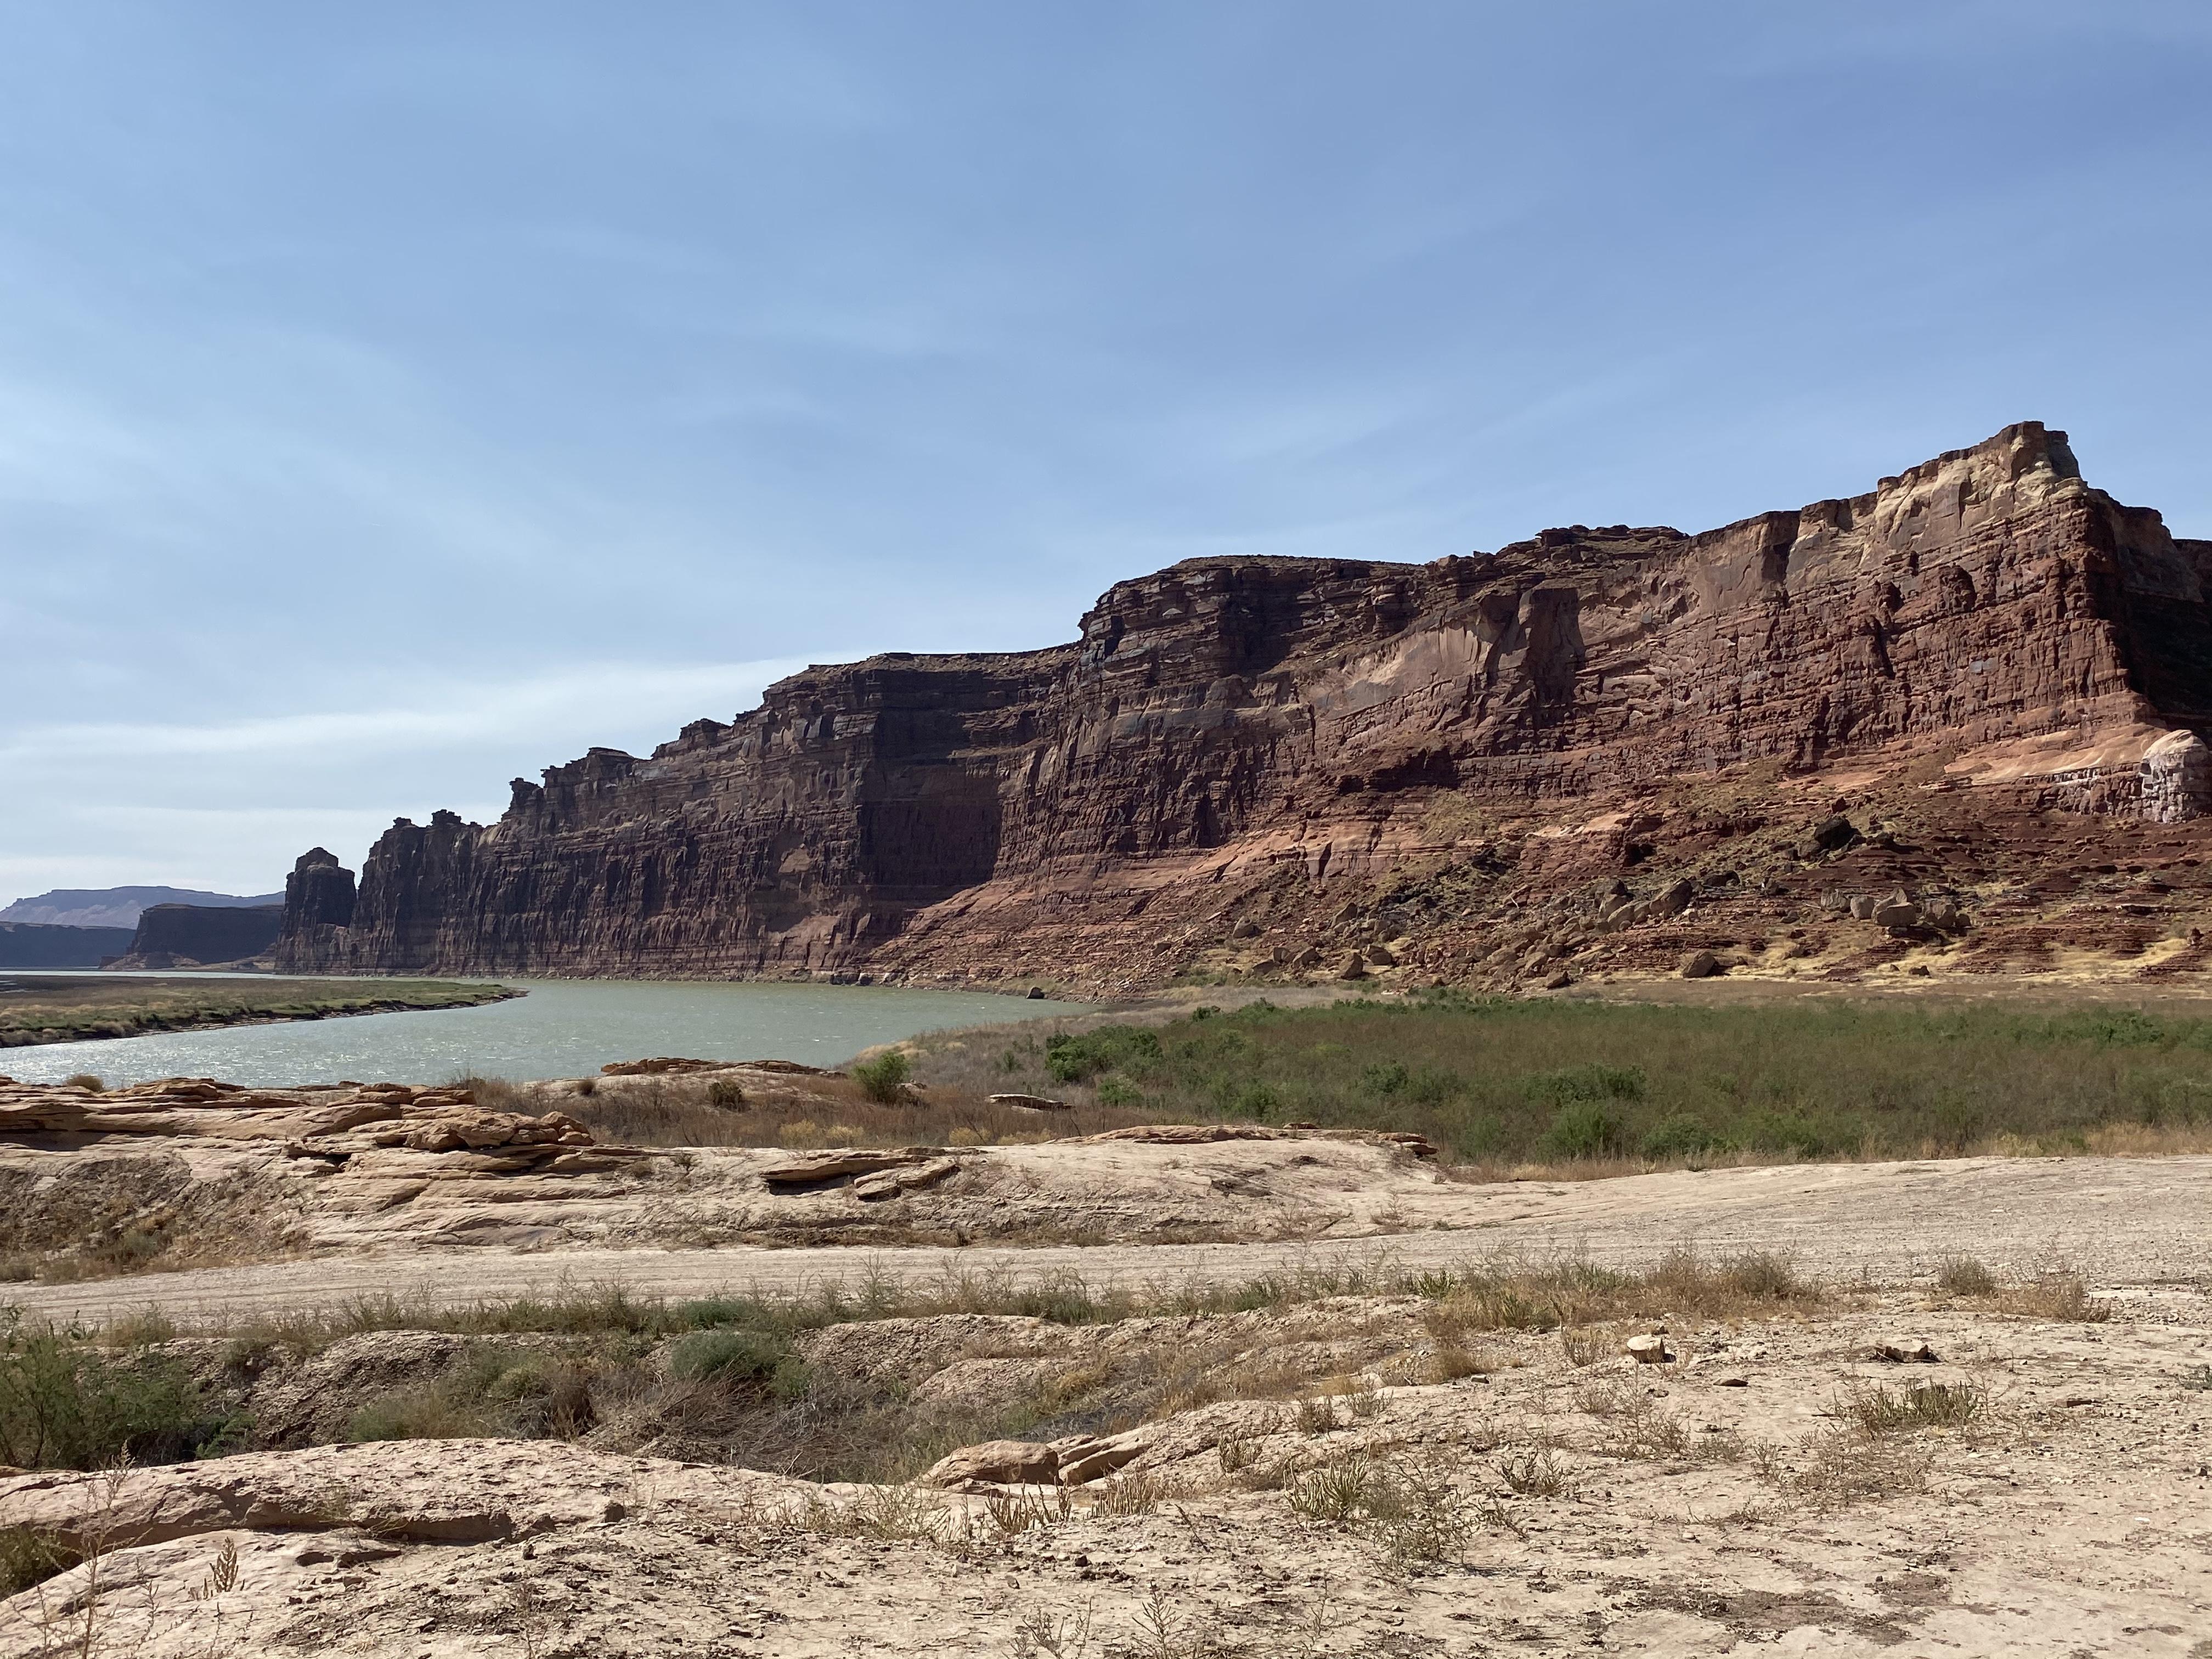 Downstream Colorado River at Glen Canyon.